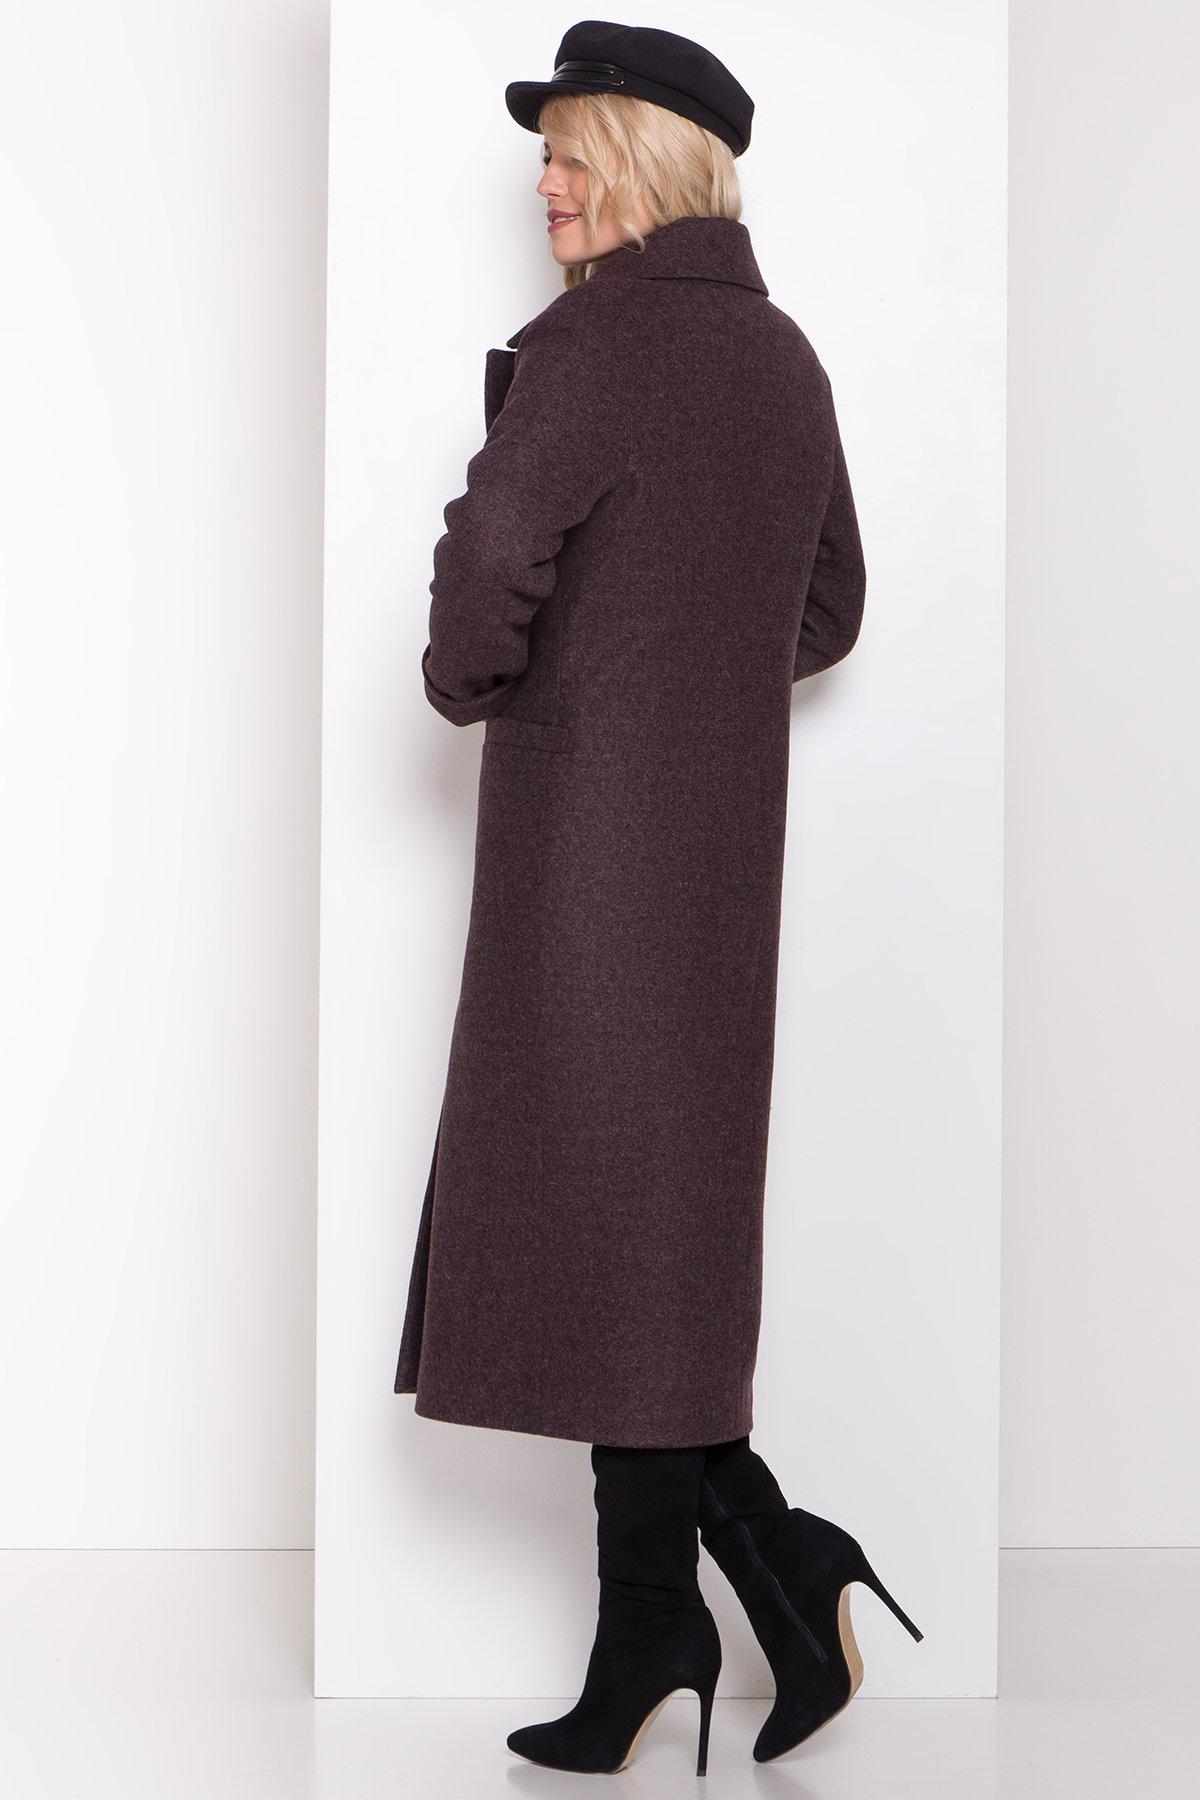 Длинное пальто зима Вива макси 8341 АРТ. 44495 Цвет: Шоколад 7 - фото 13, интернет магазин tm-modus.ru